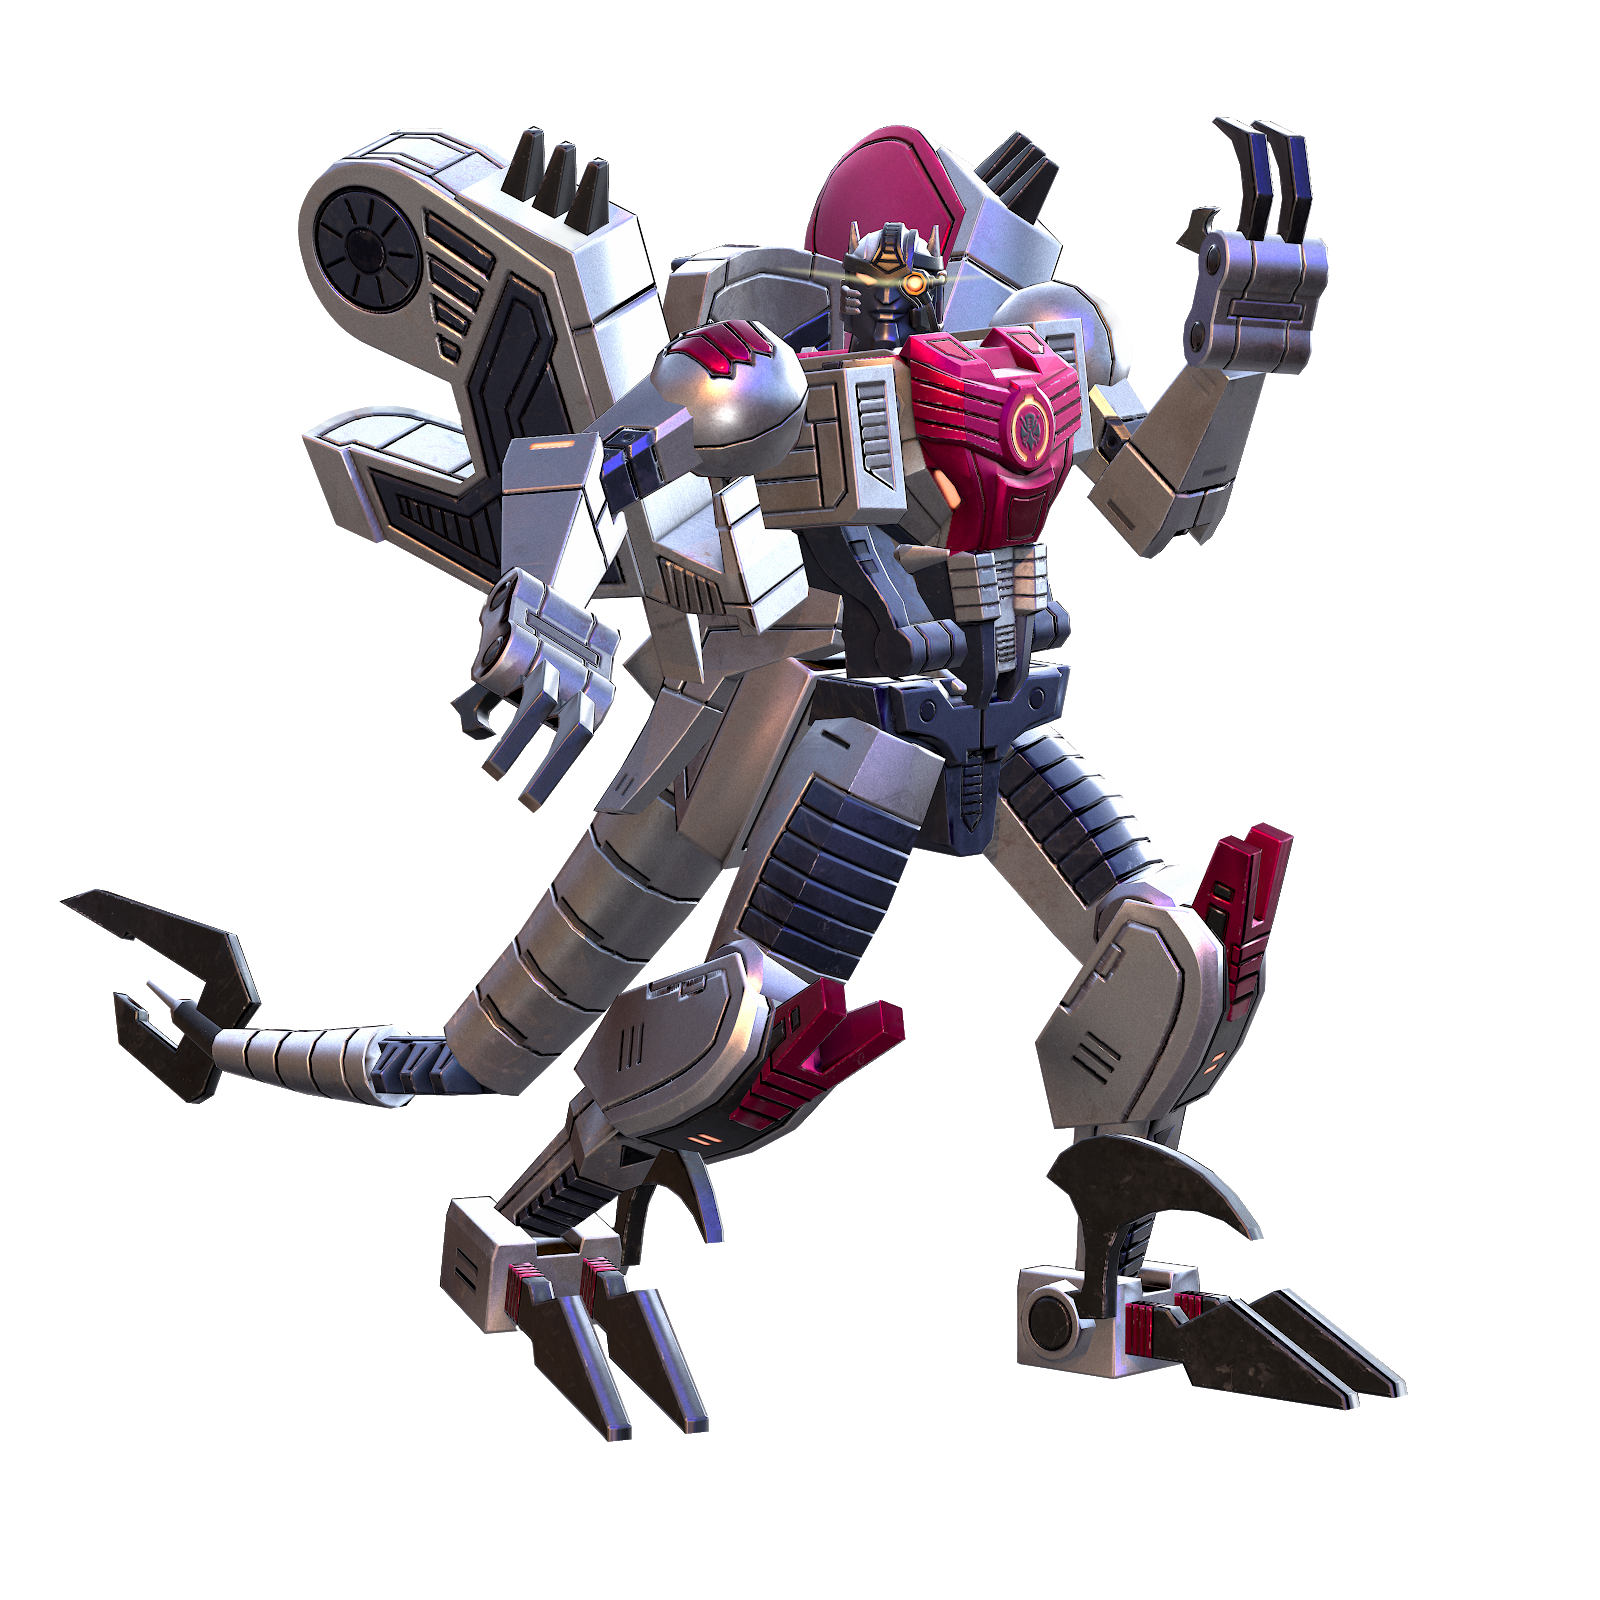 恐龙勇士2代机器人模式图片